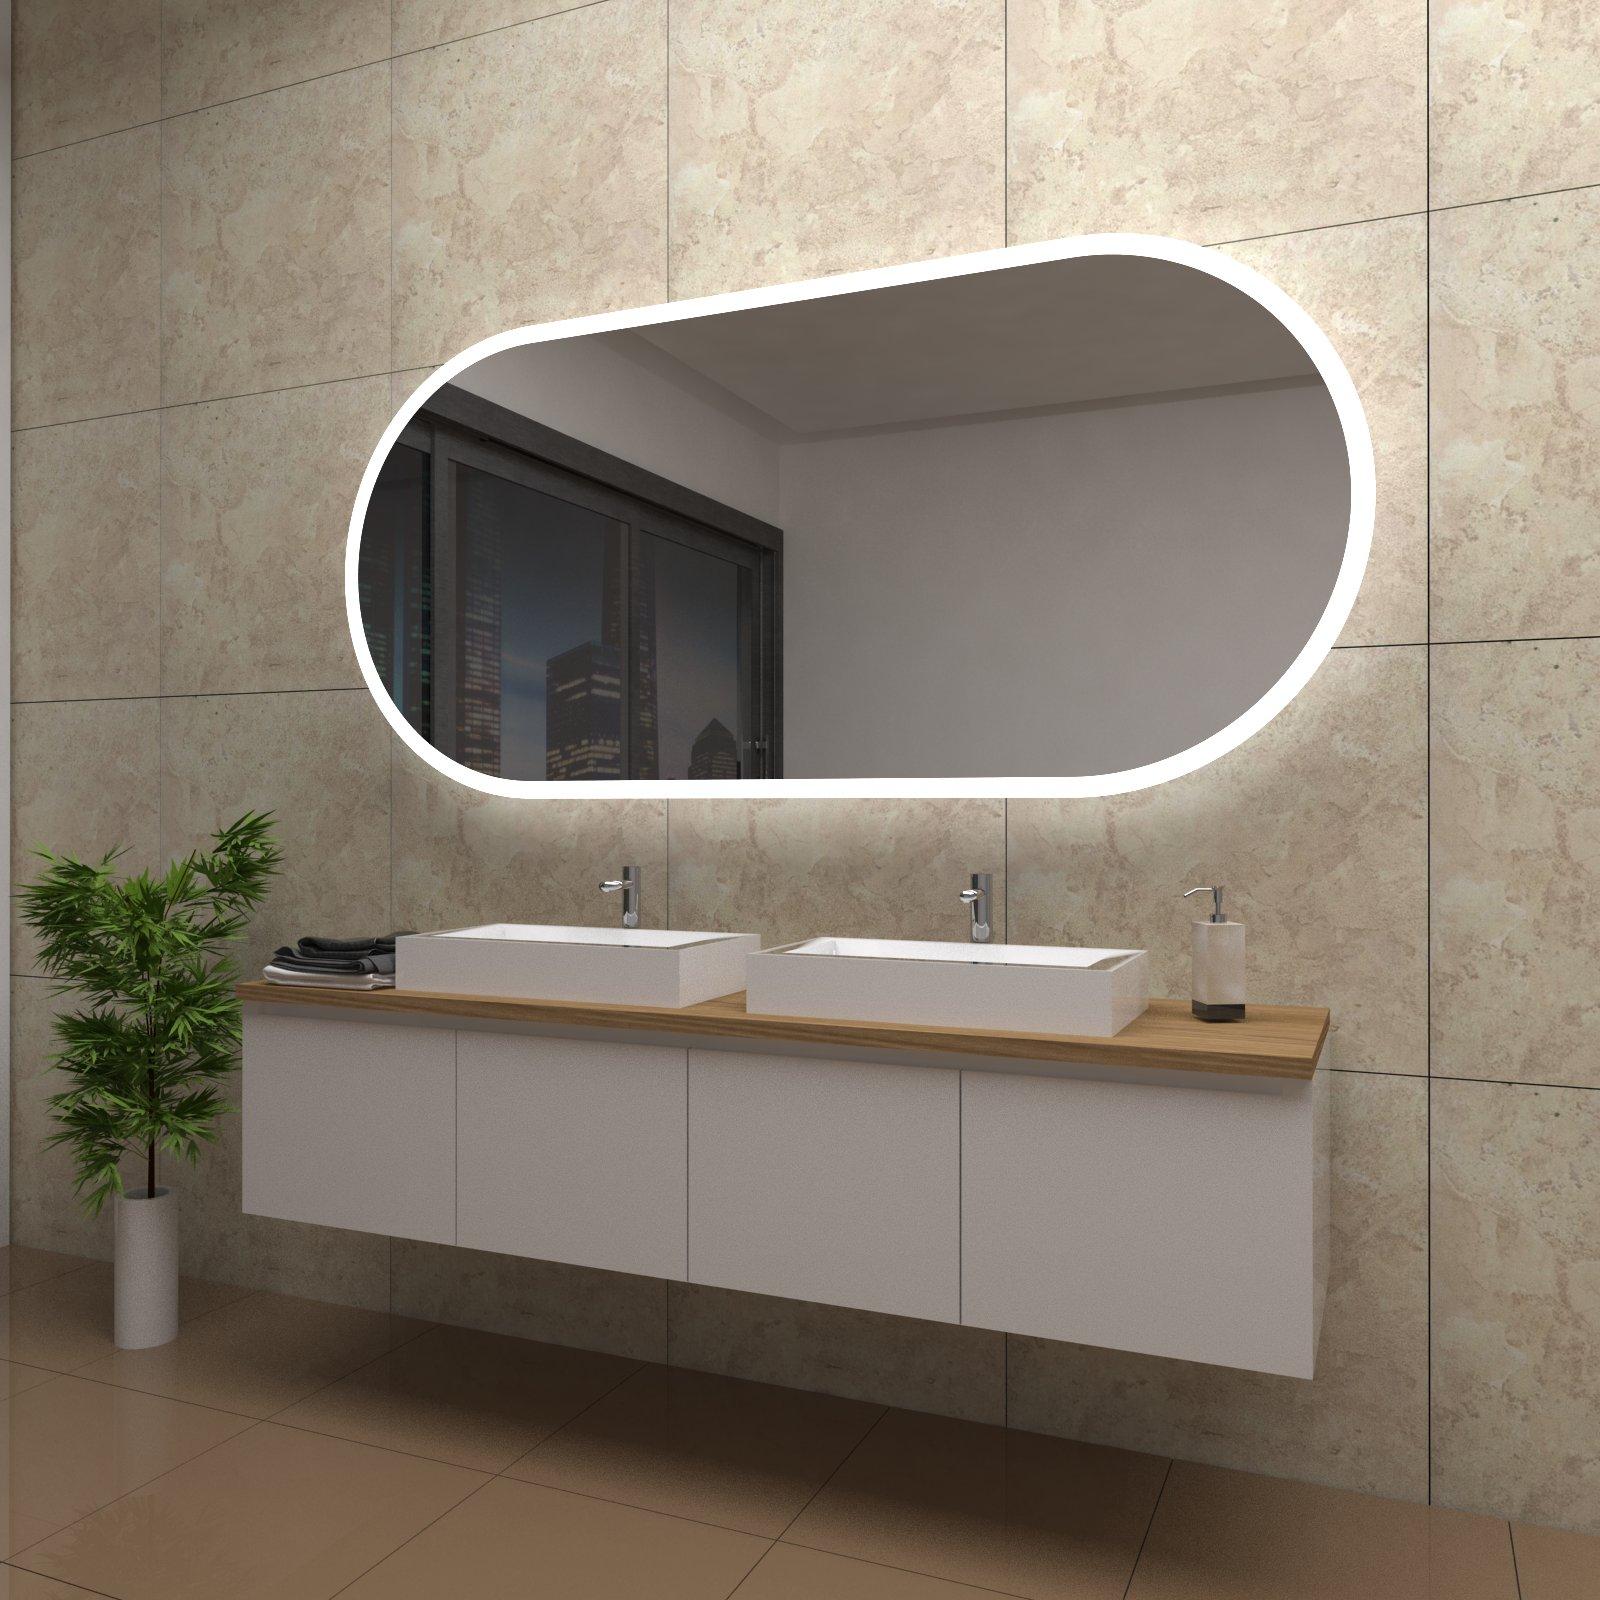 Spiegel Beleuchtung Schminken | Spiegel Beleuchtung Schminken Badezimmerspiegel Mit Beleuchtung